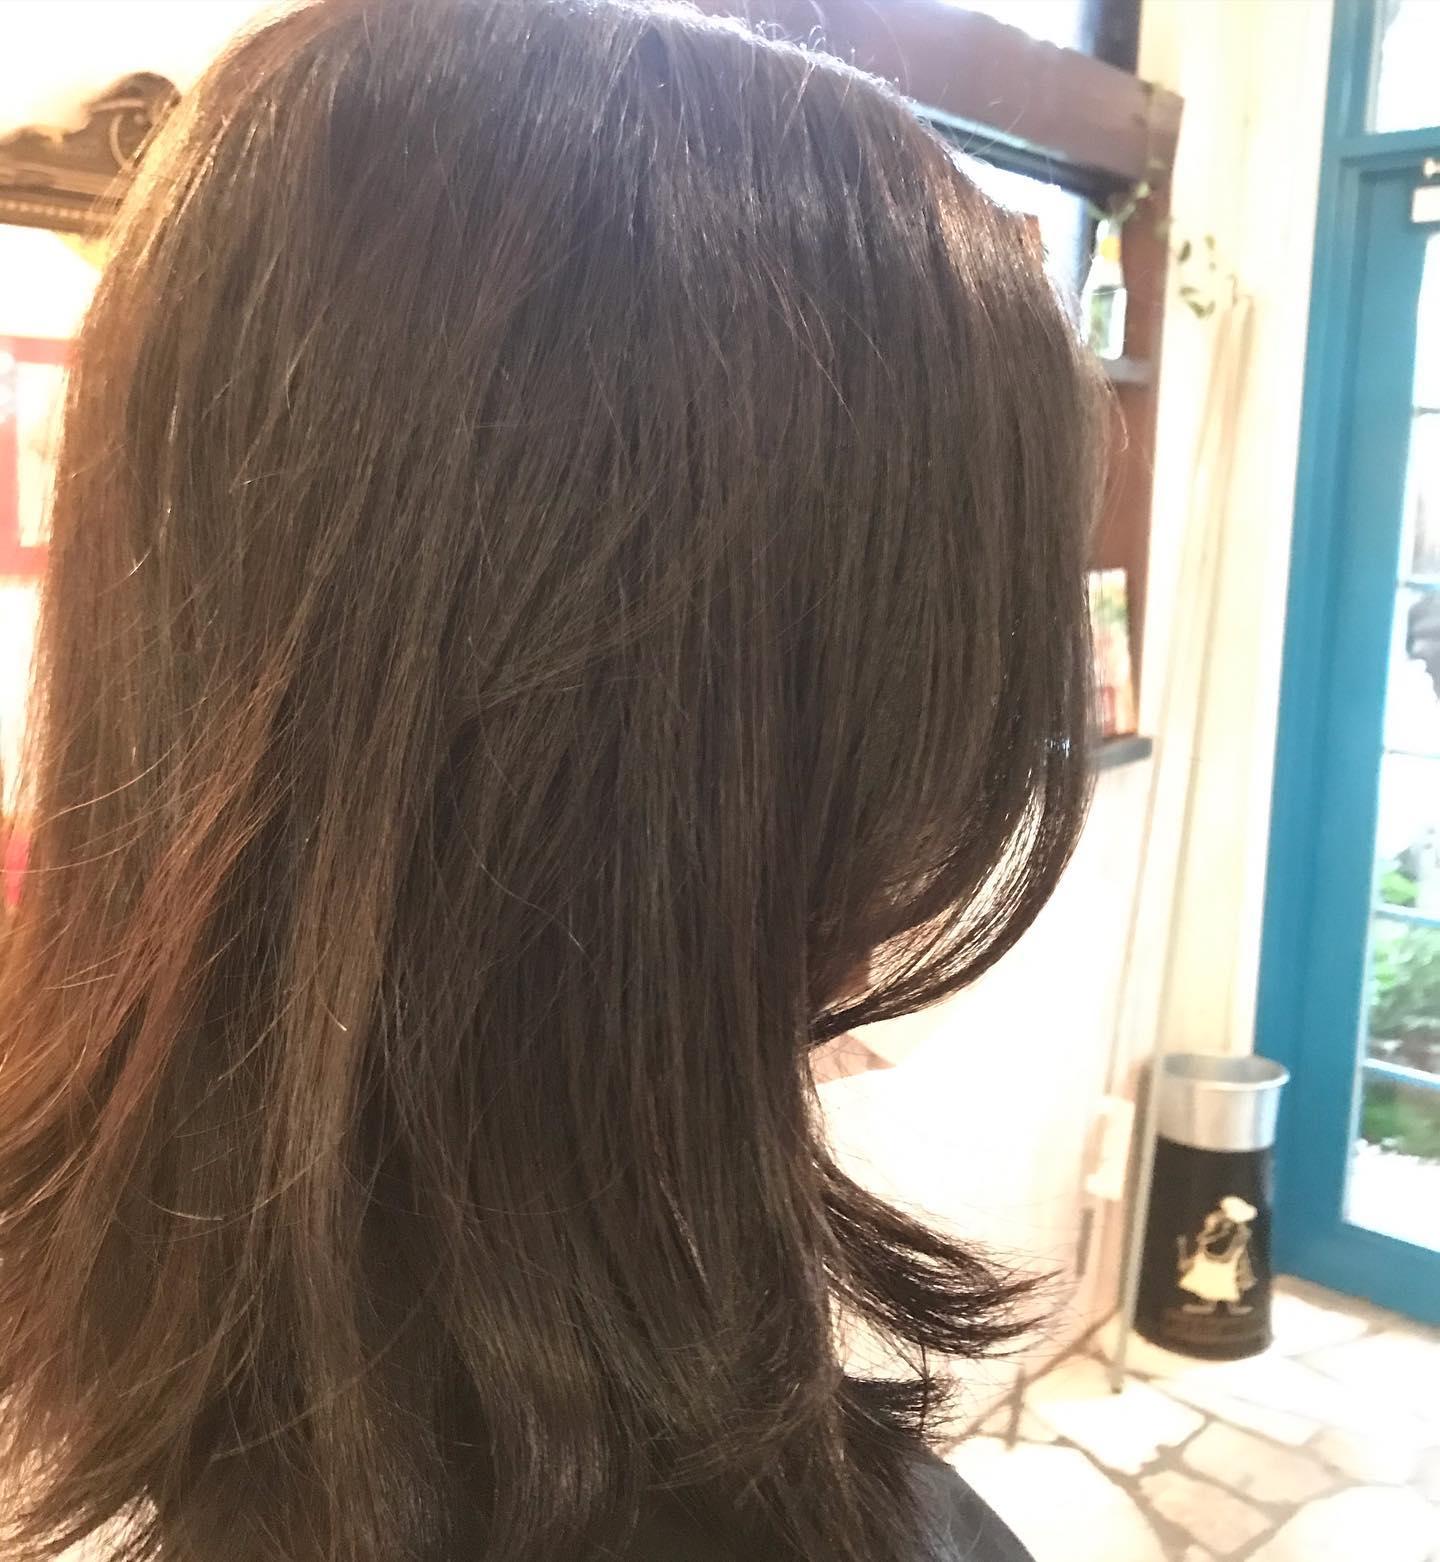 外ハネ気分 #大阪市 #美容室 #havana_stripe #髪型 #hairstyle #beauty #求人 #スタッフ募集